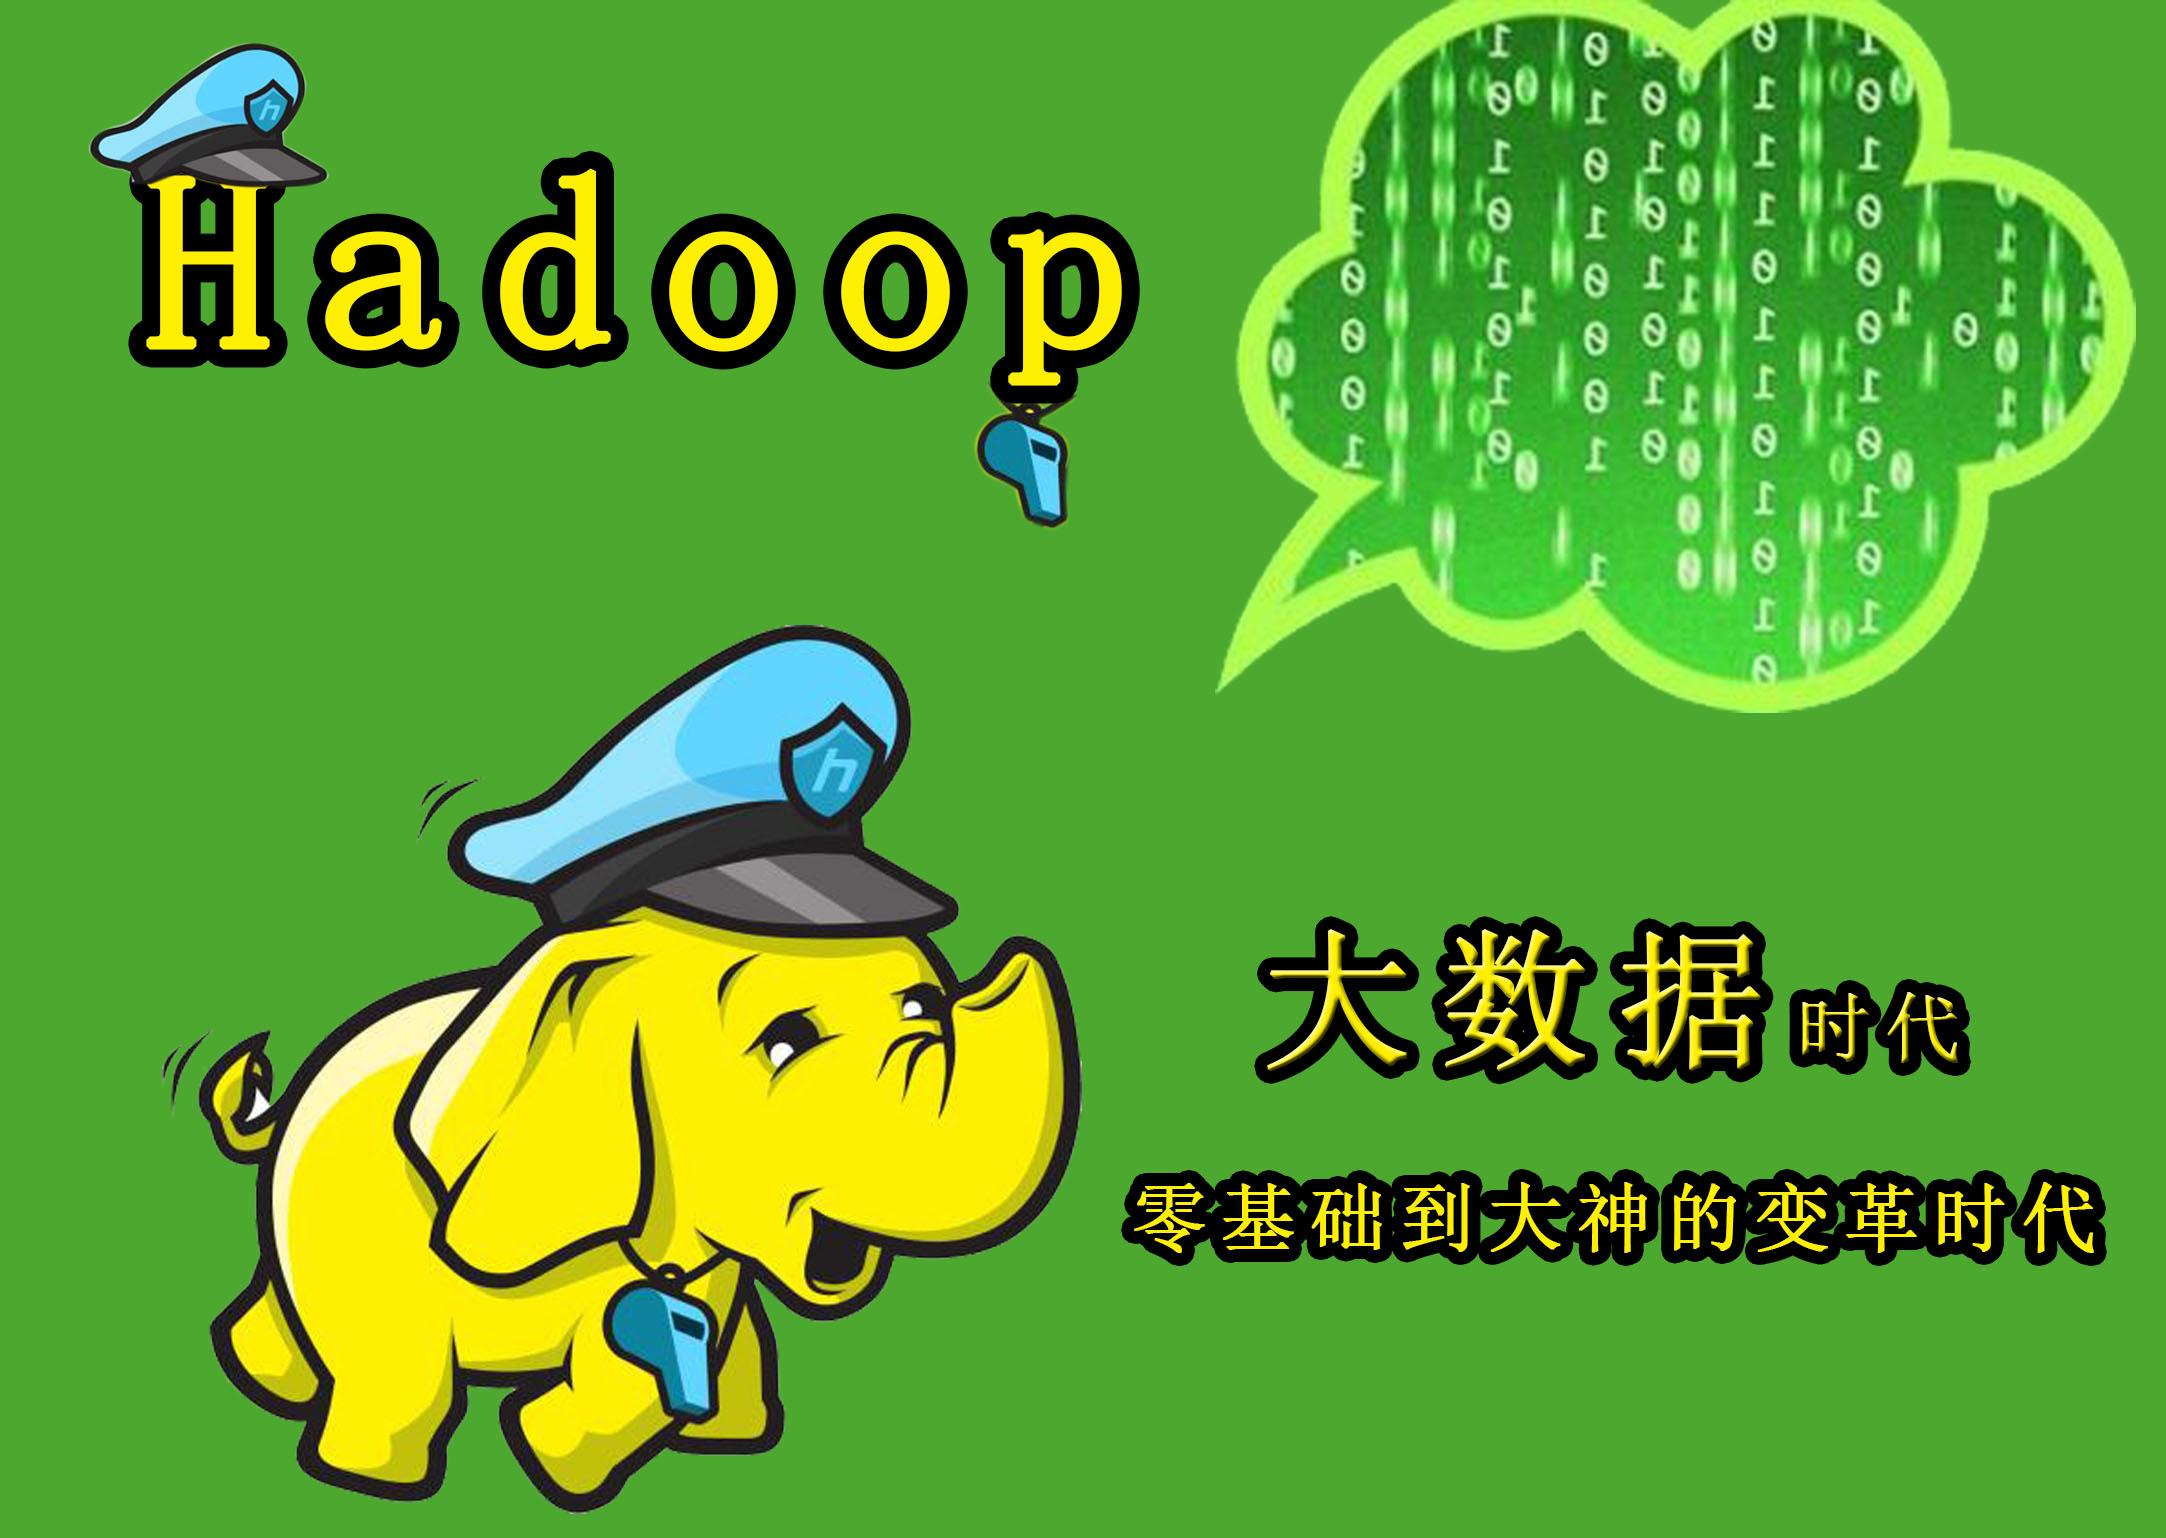 Hadoop从入门到精通